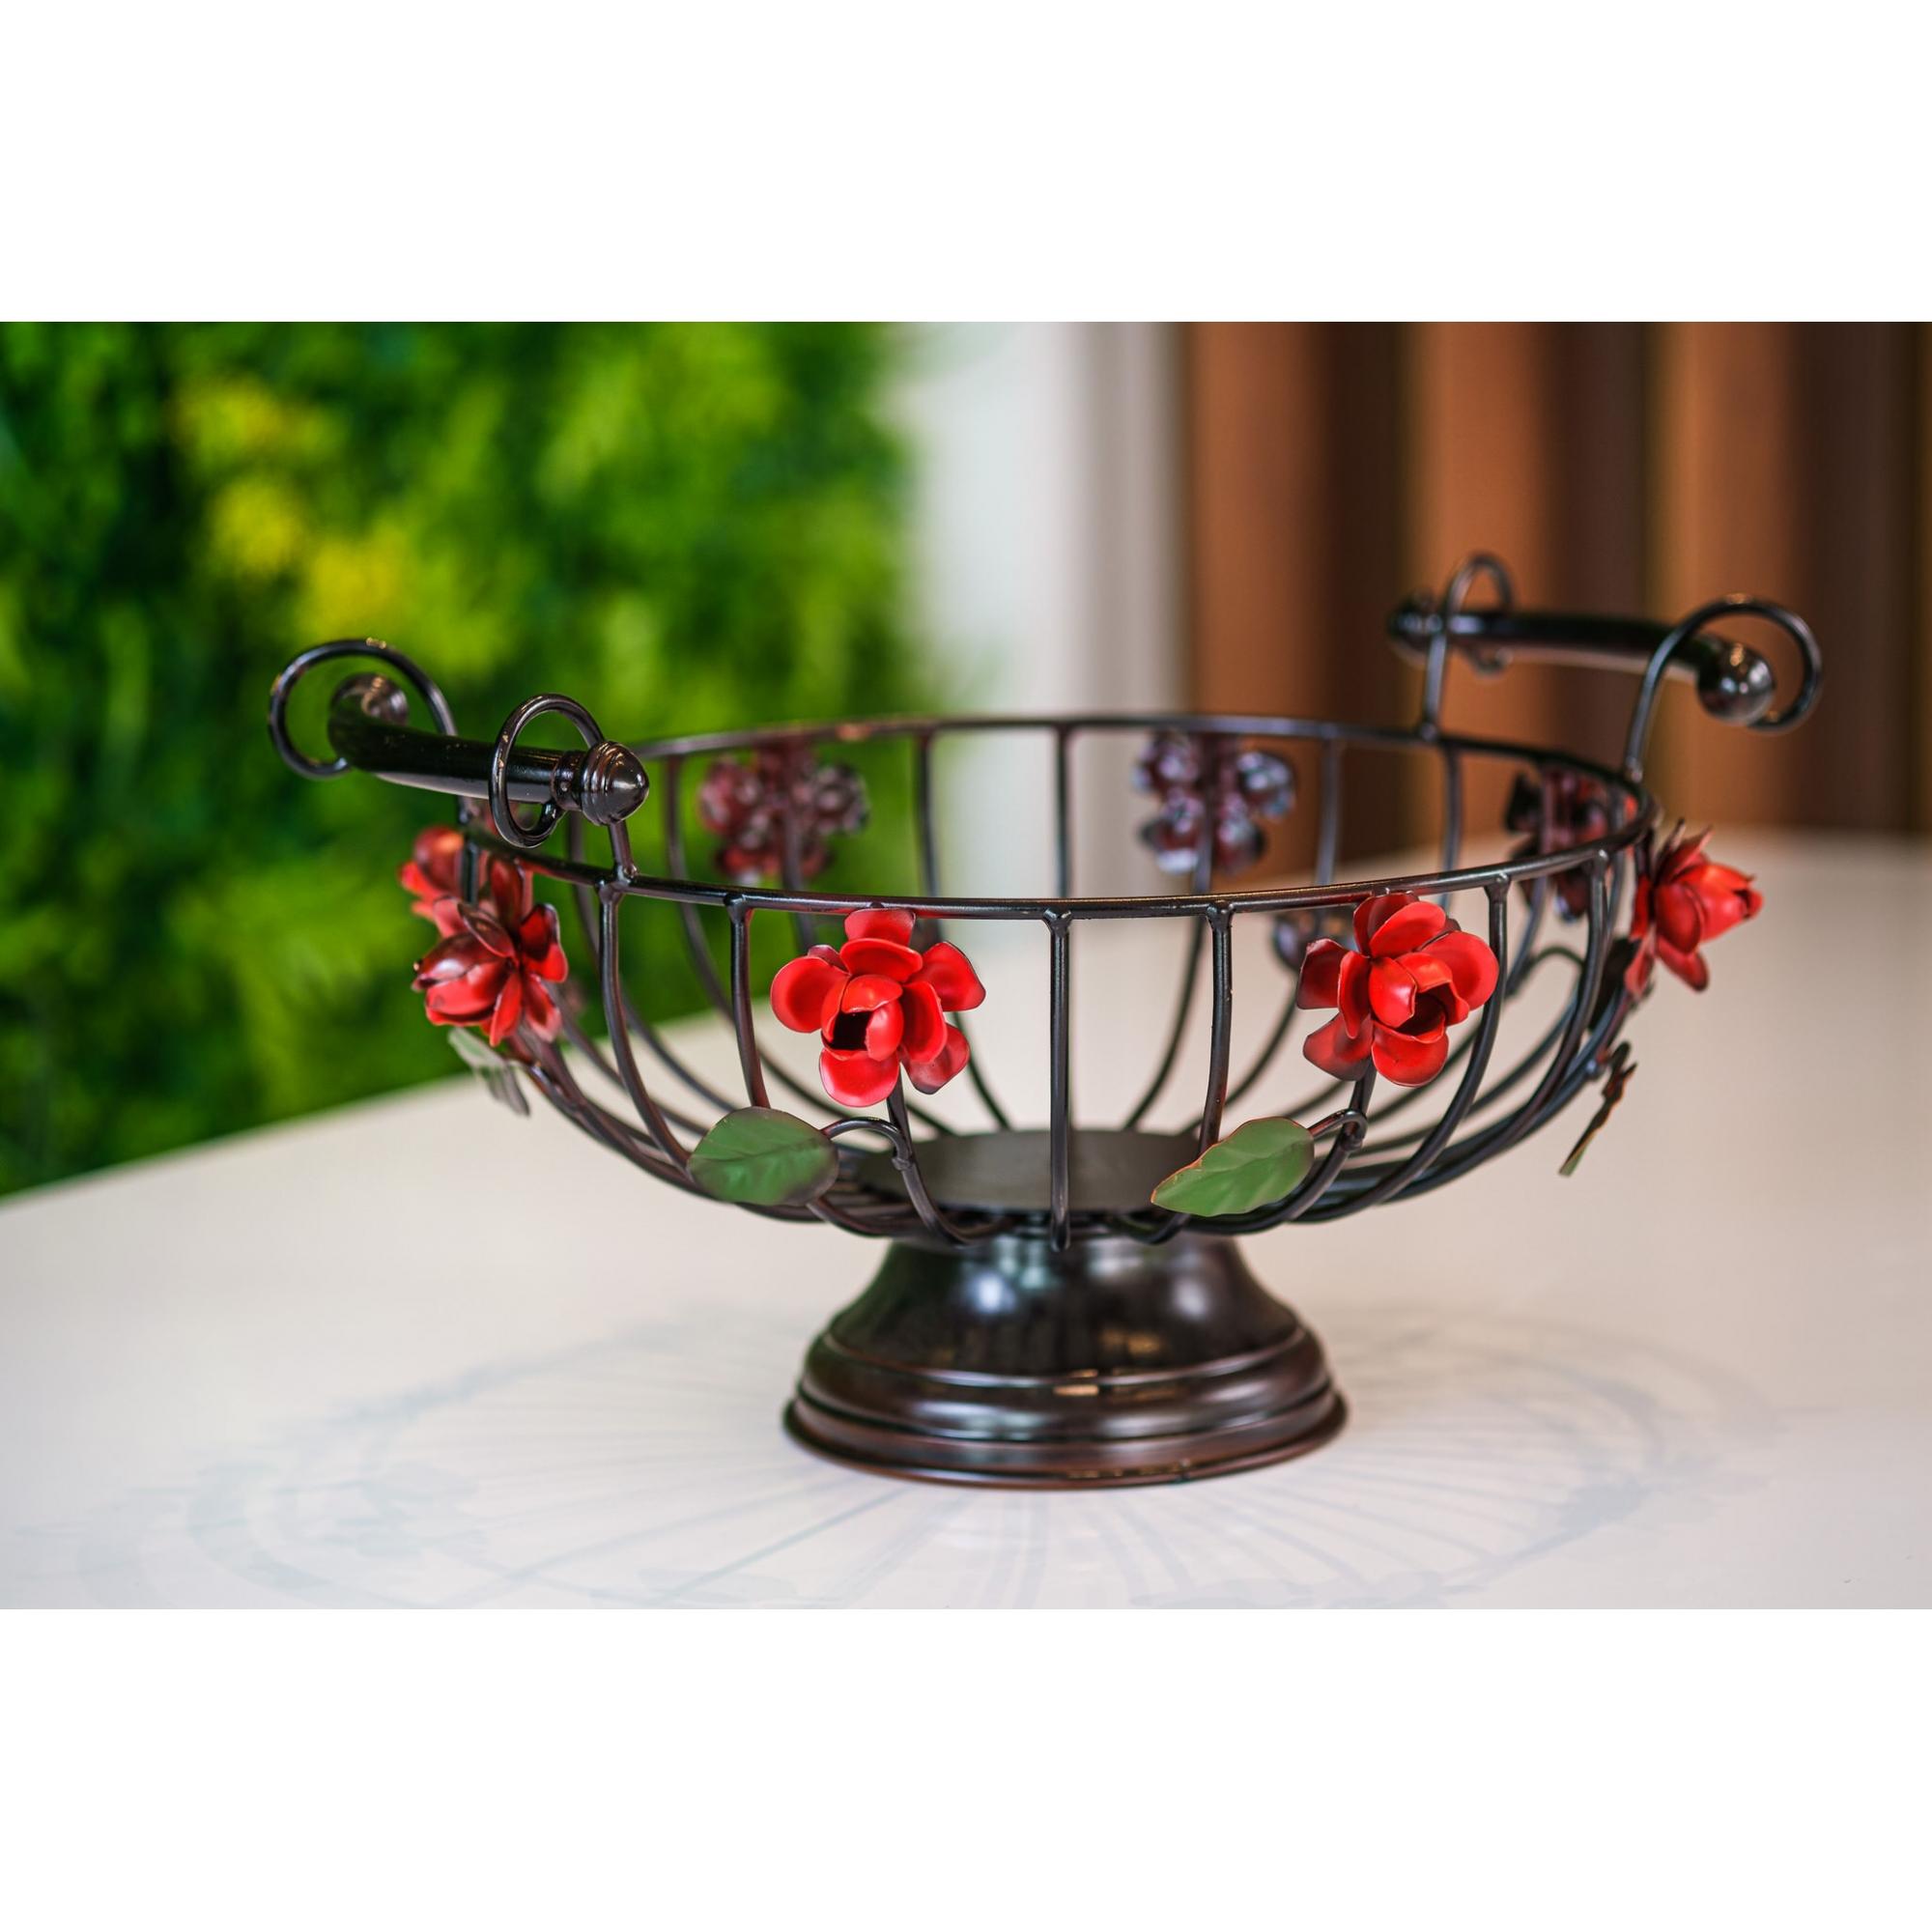 Fruteira floral - vermelha